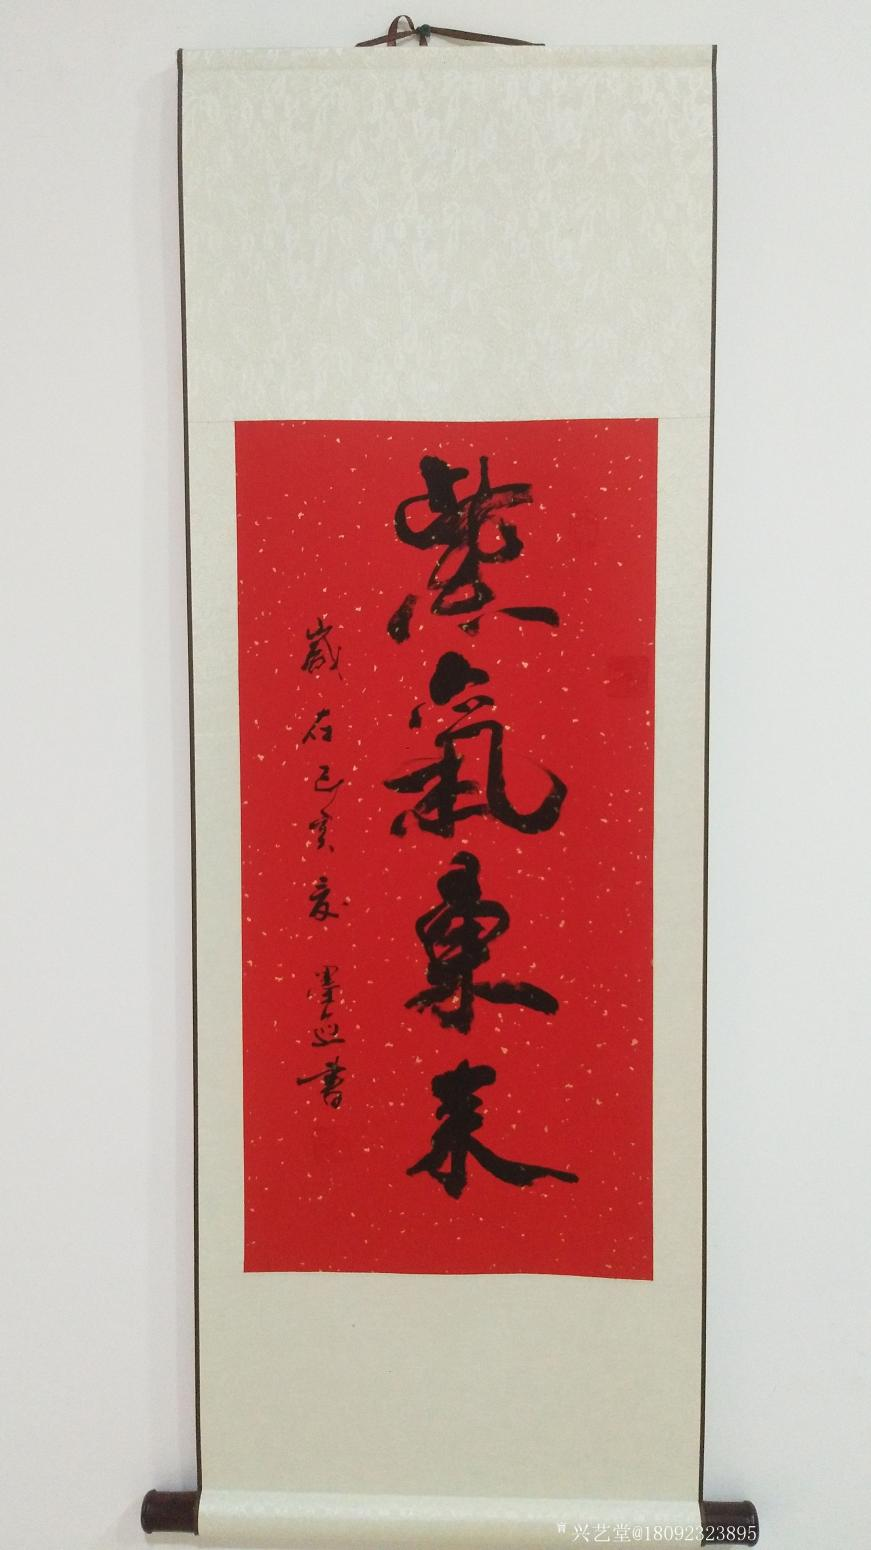 陕西大秦书画院书法作品《丁延中四尺四开作品》【图0】